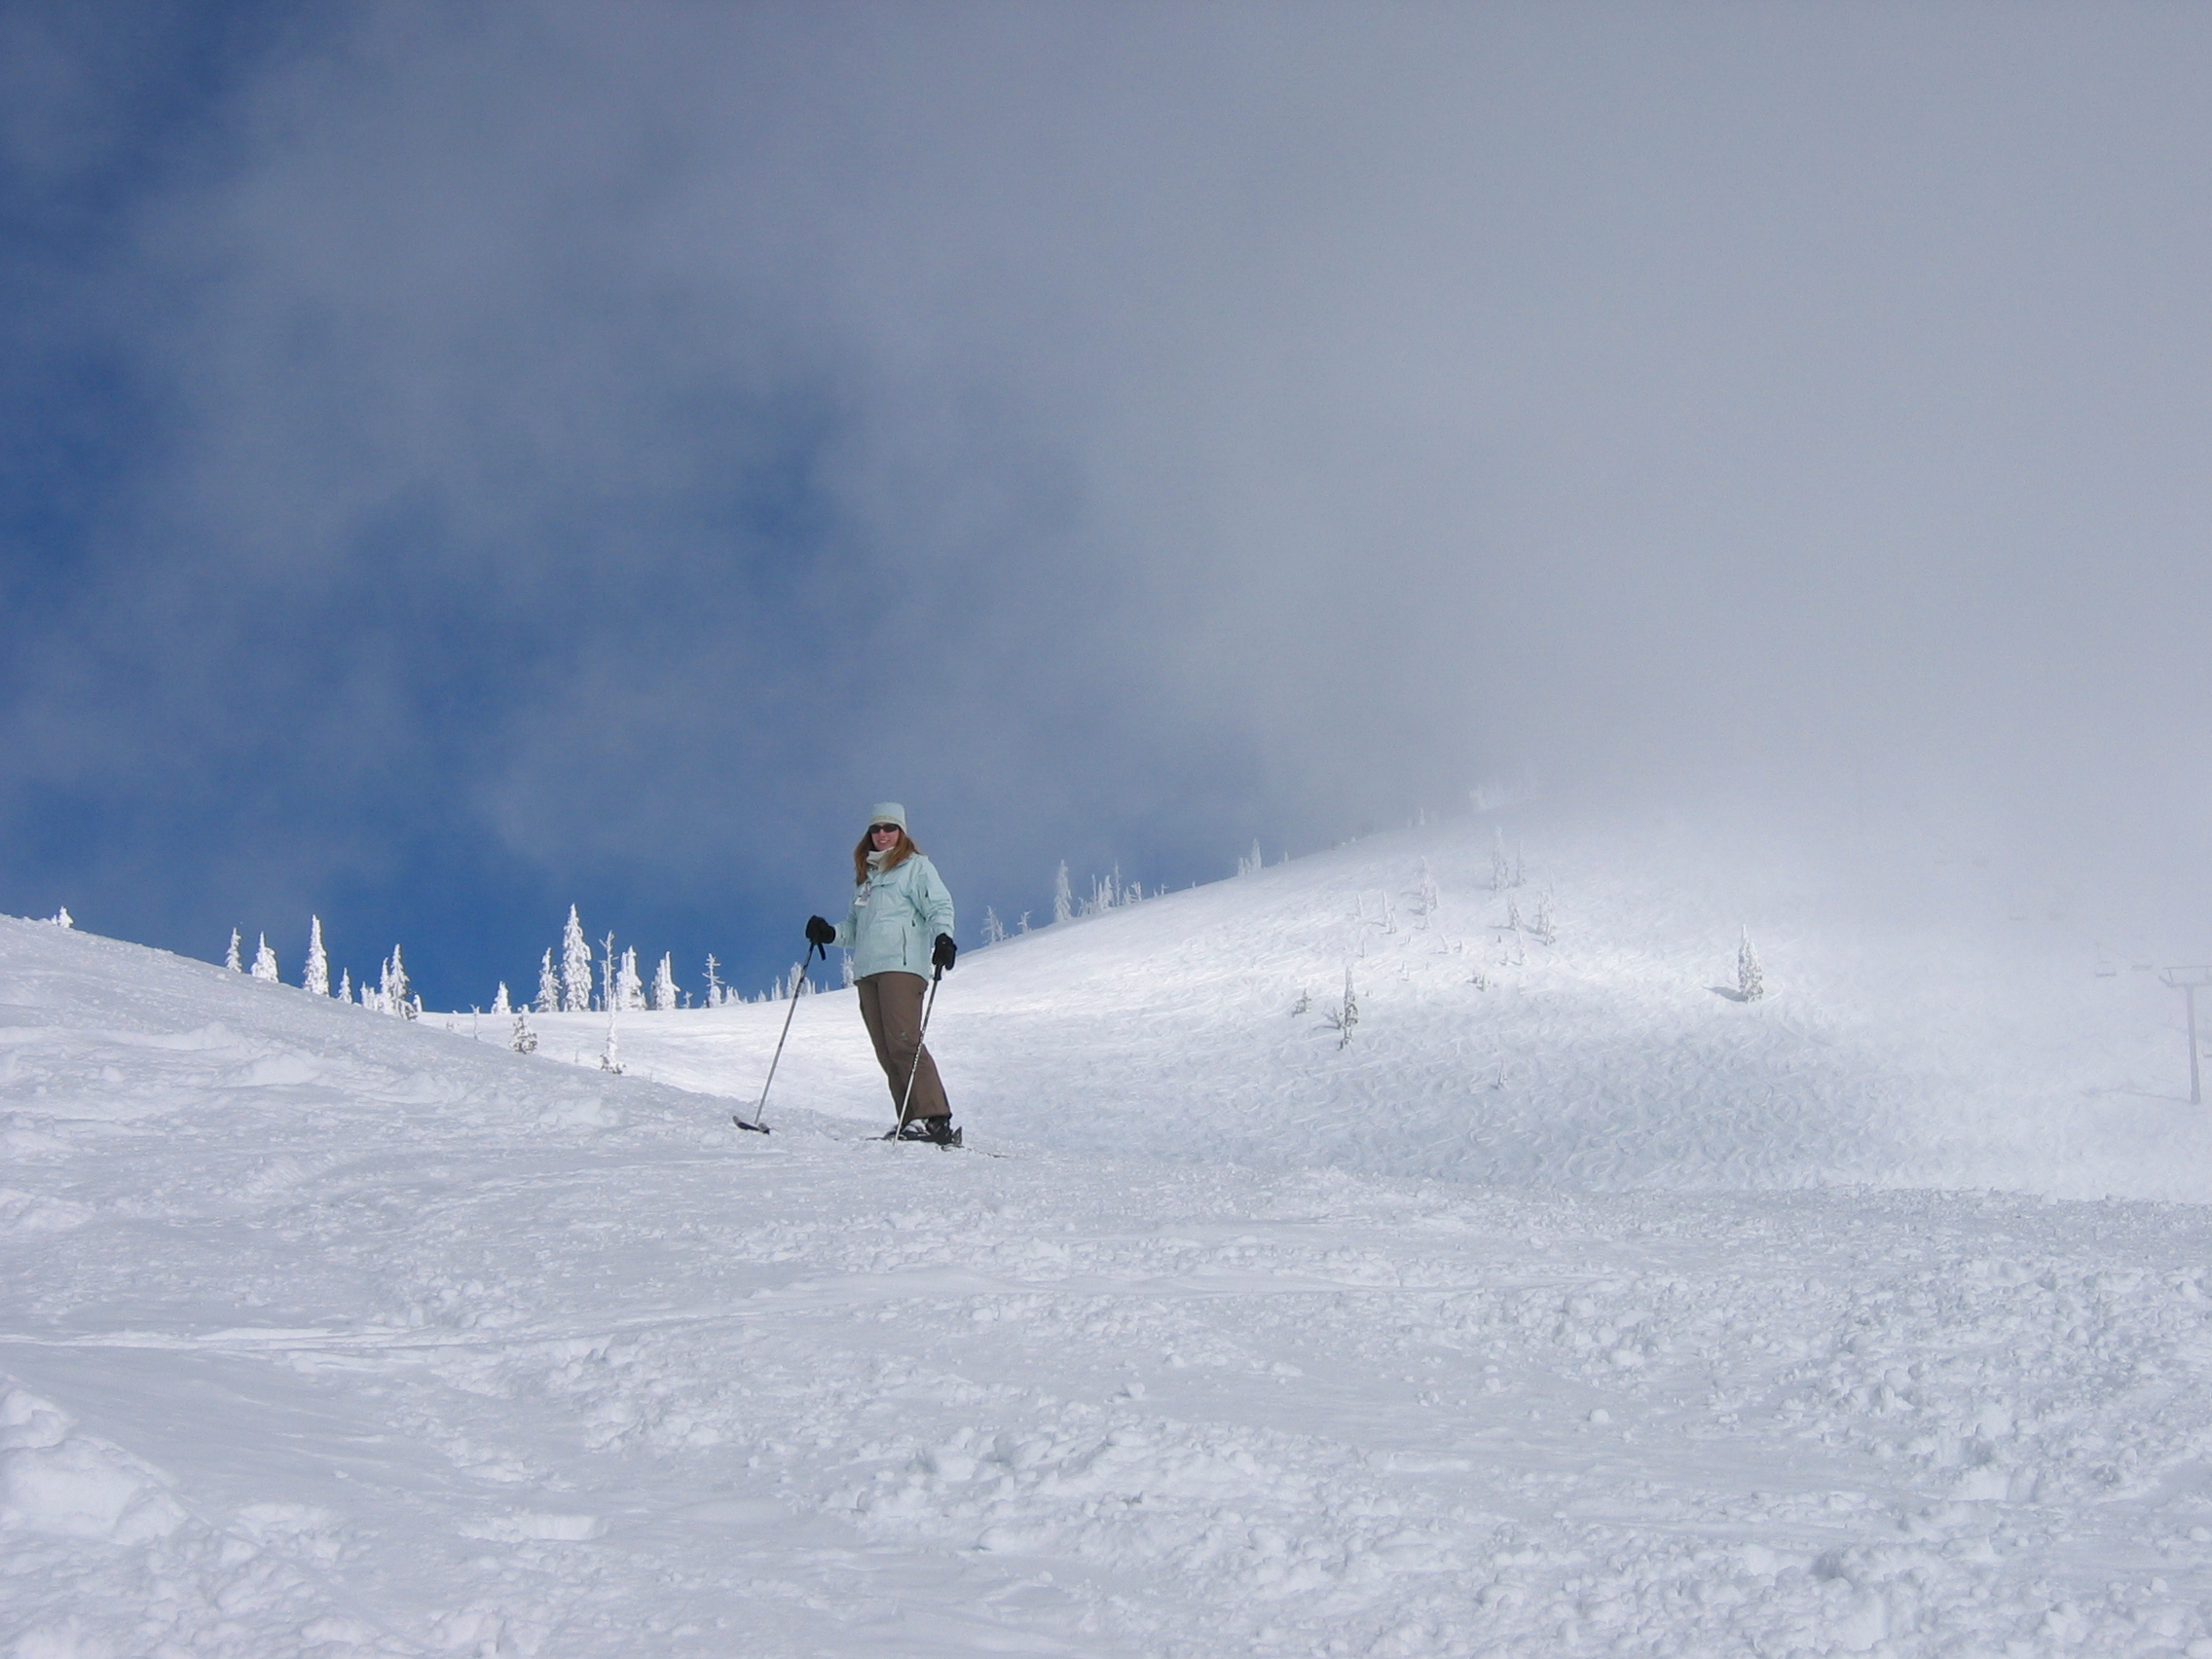 Lisa_skiing_whitefish